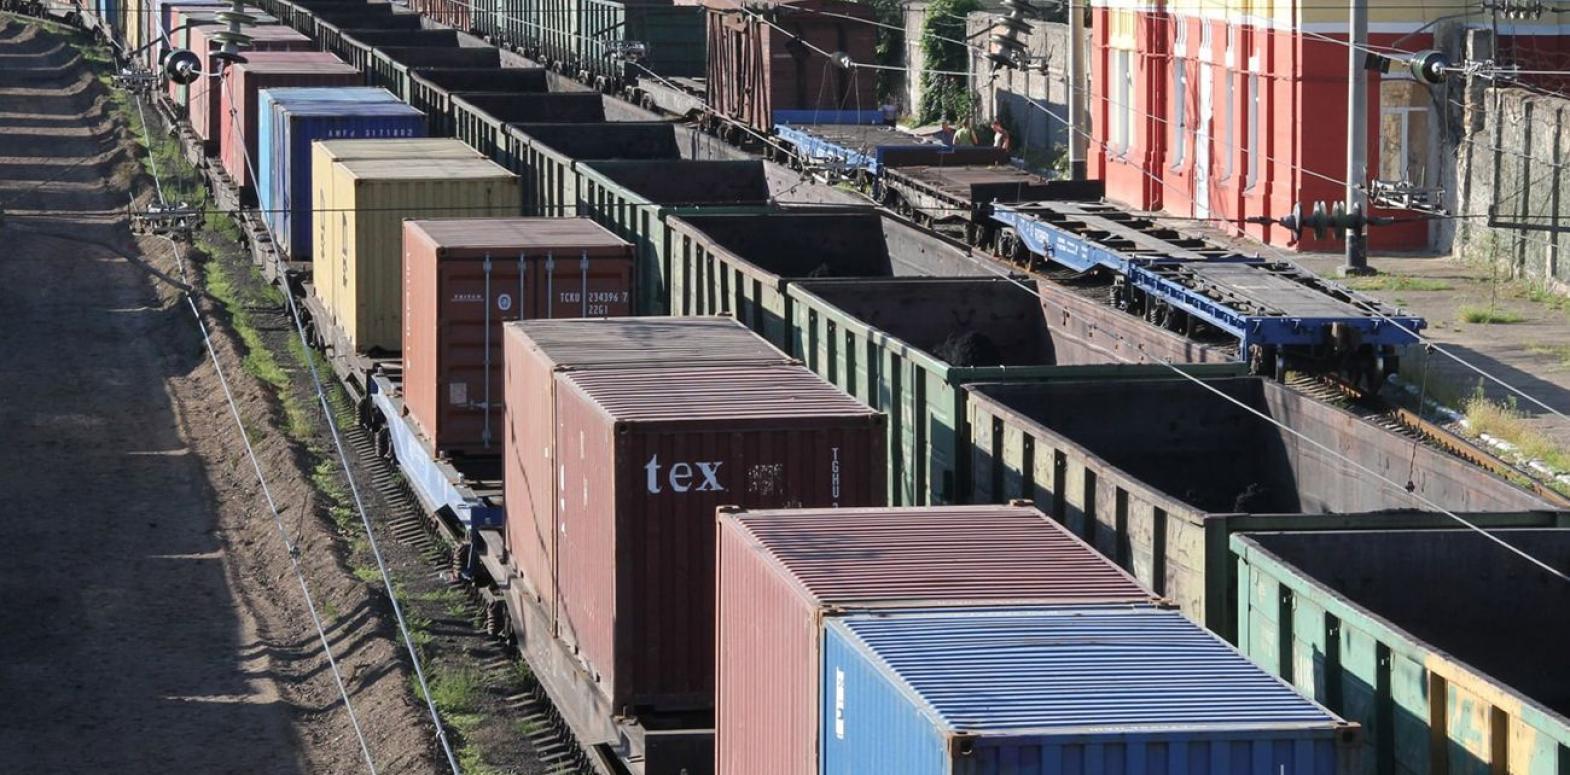 Украина увеличила экспорт товаров в страны ЕС в 1,5 раза